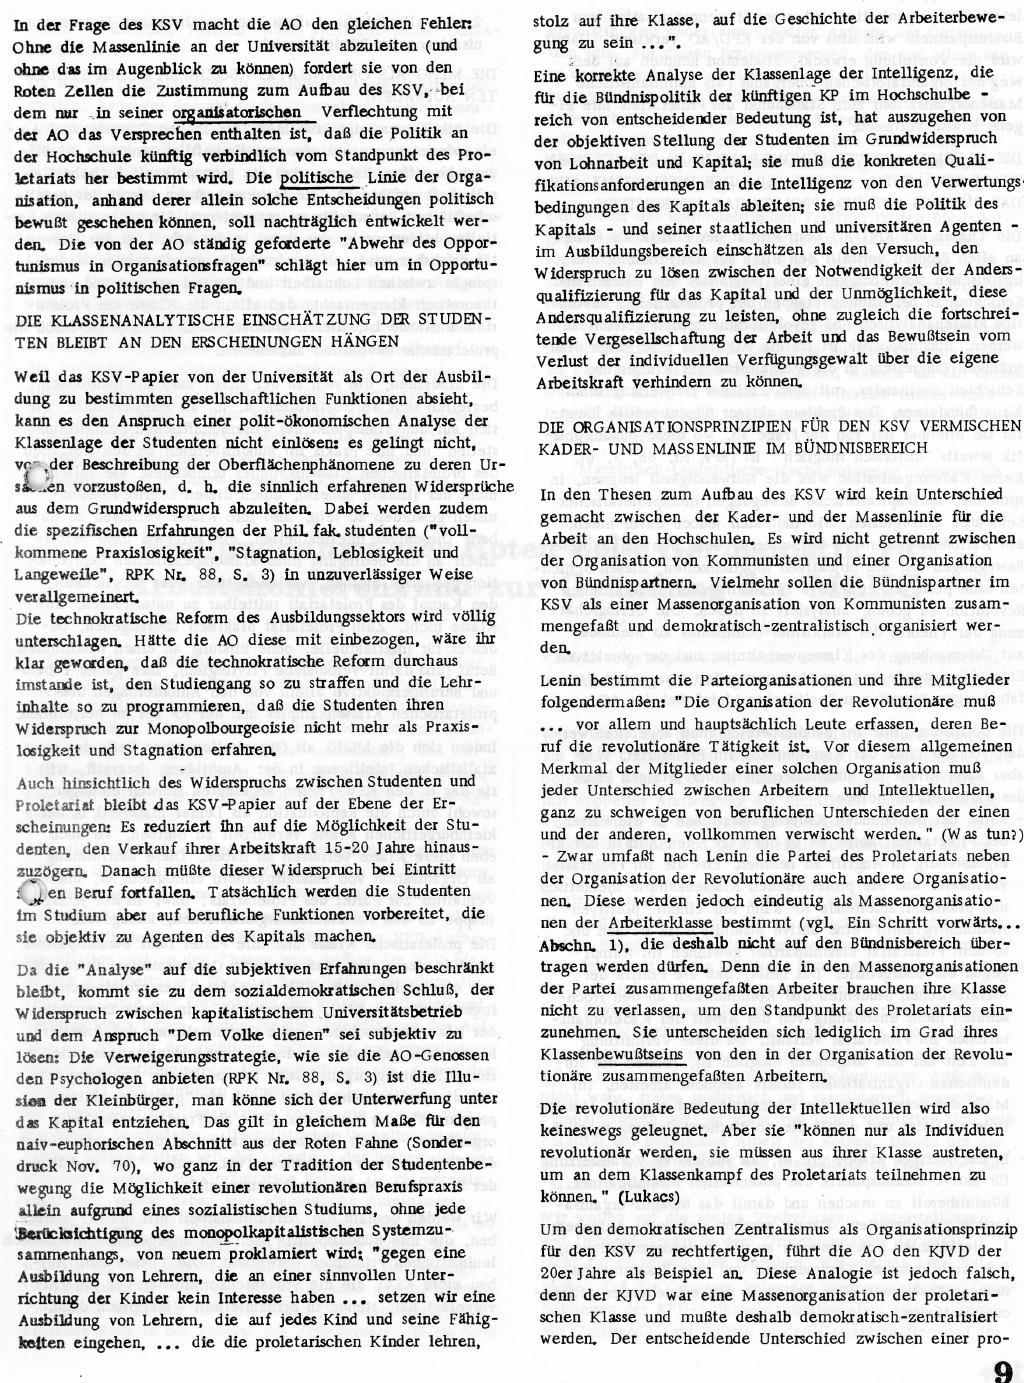 RPK_1970_093_09